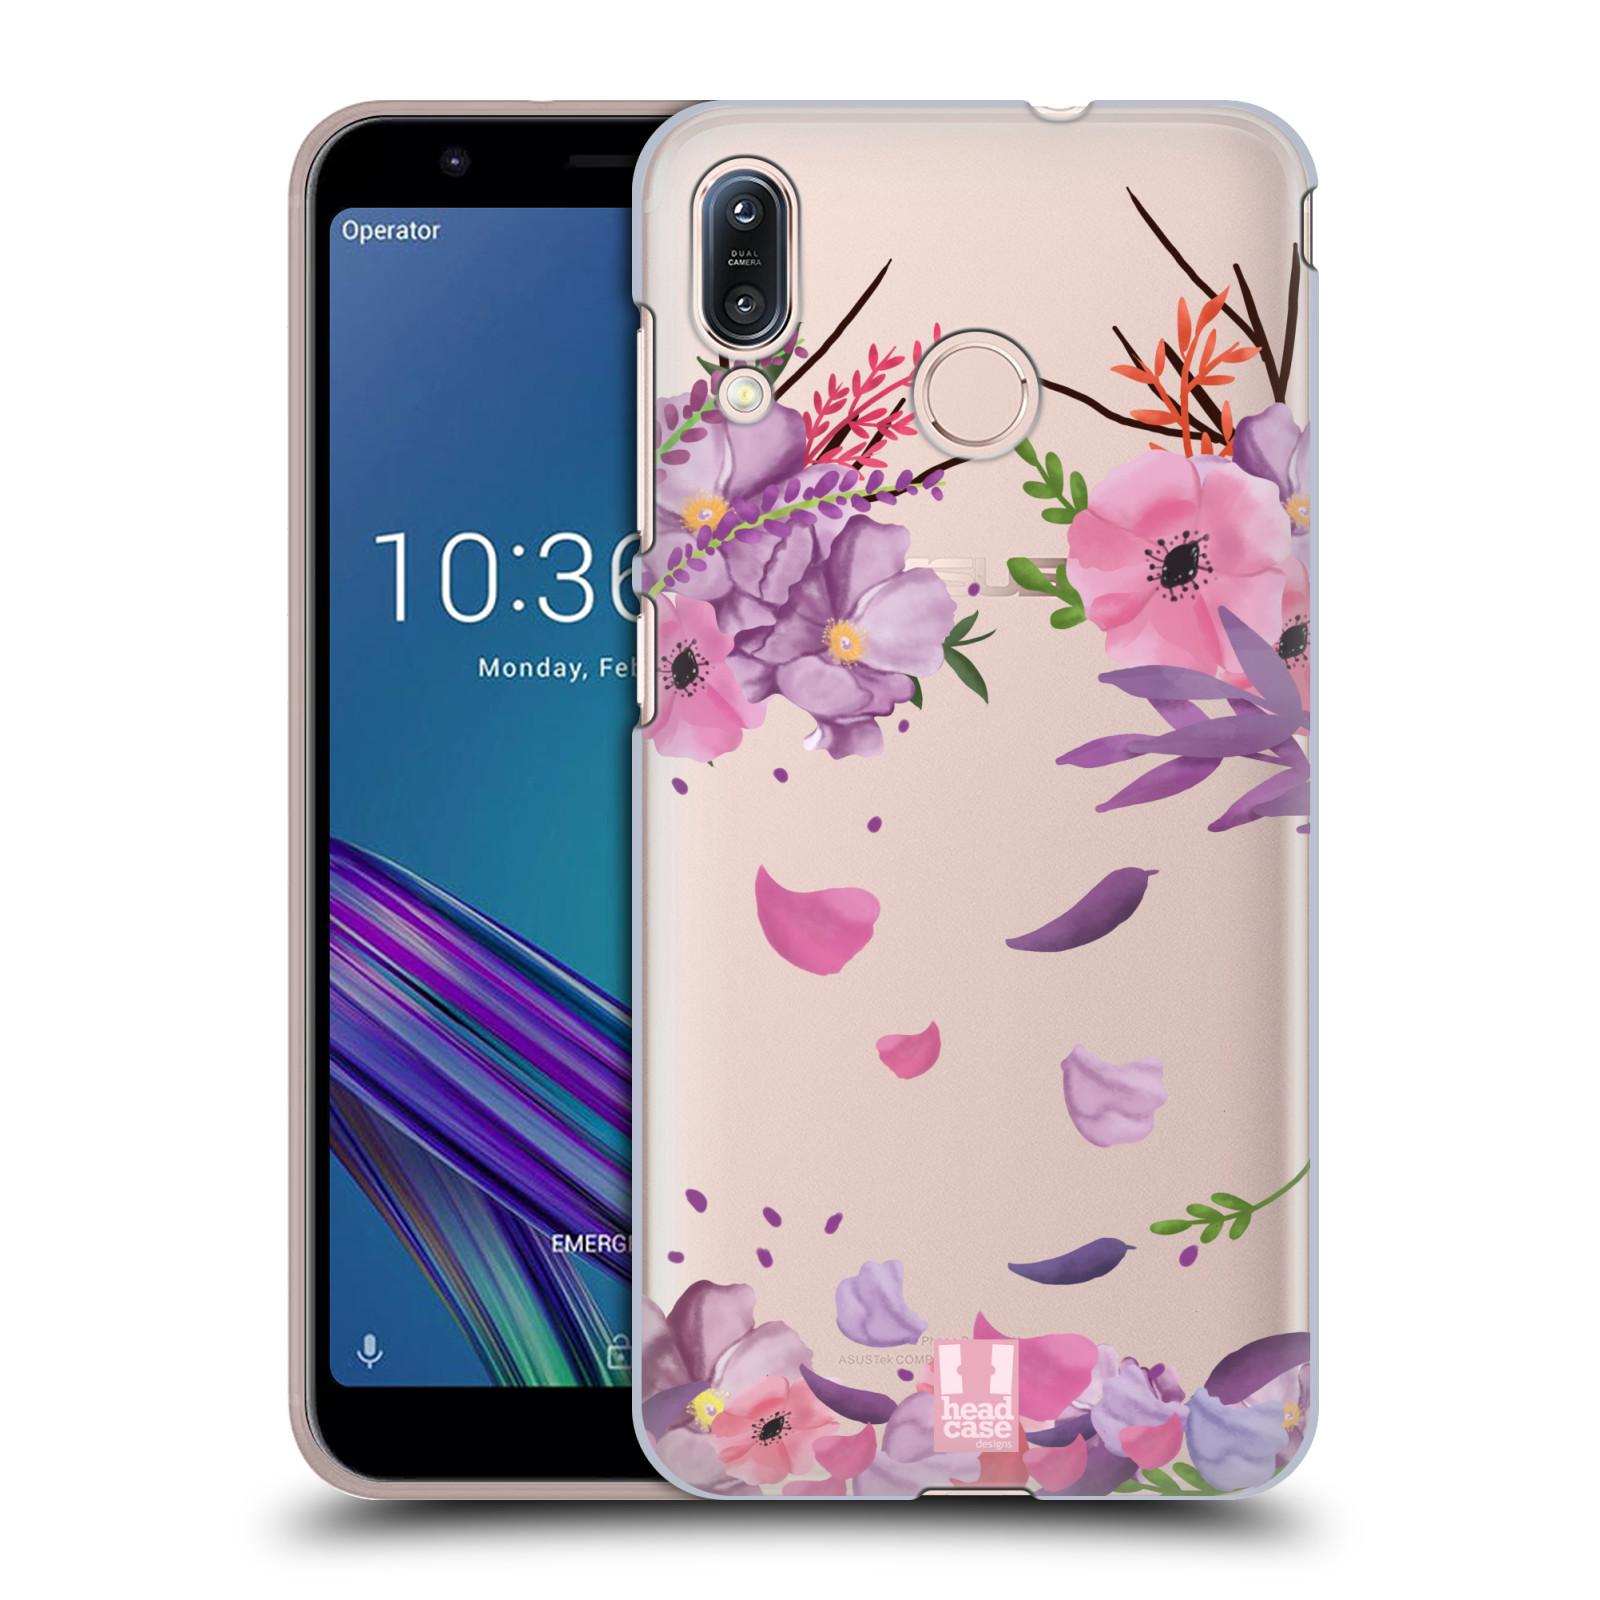 Plastové pouzdro na mobil Asus Zenfone Max M1 ZB555KL - Head Case - Okvětní lístky